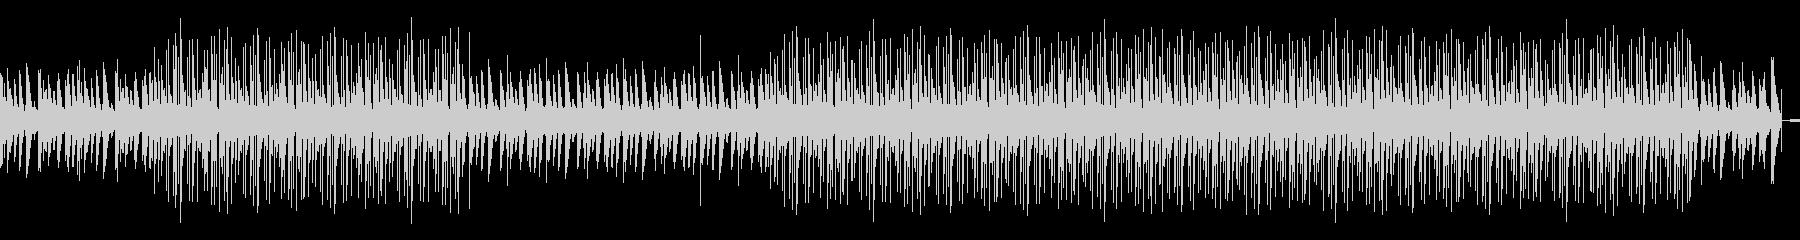 Lo-Fi チルアウト5の未再生の波形